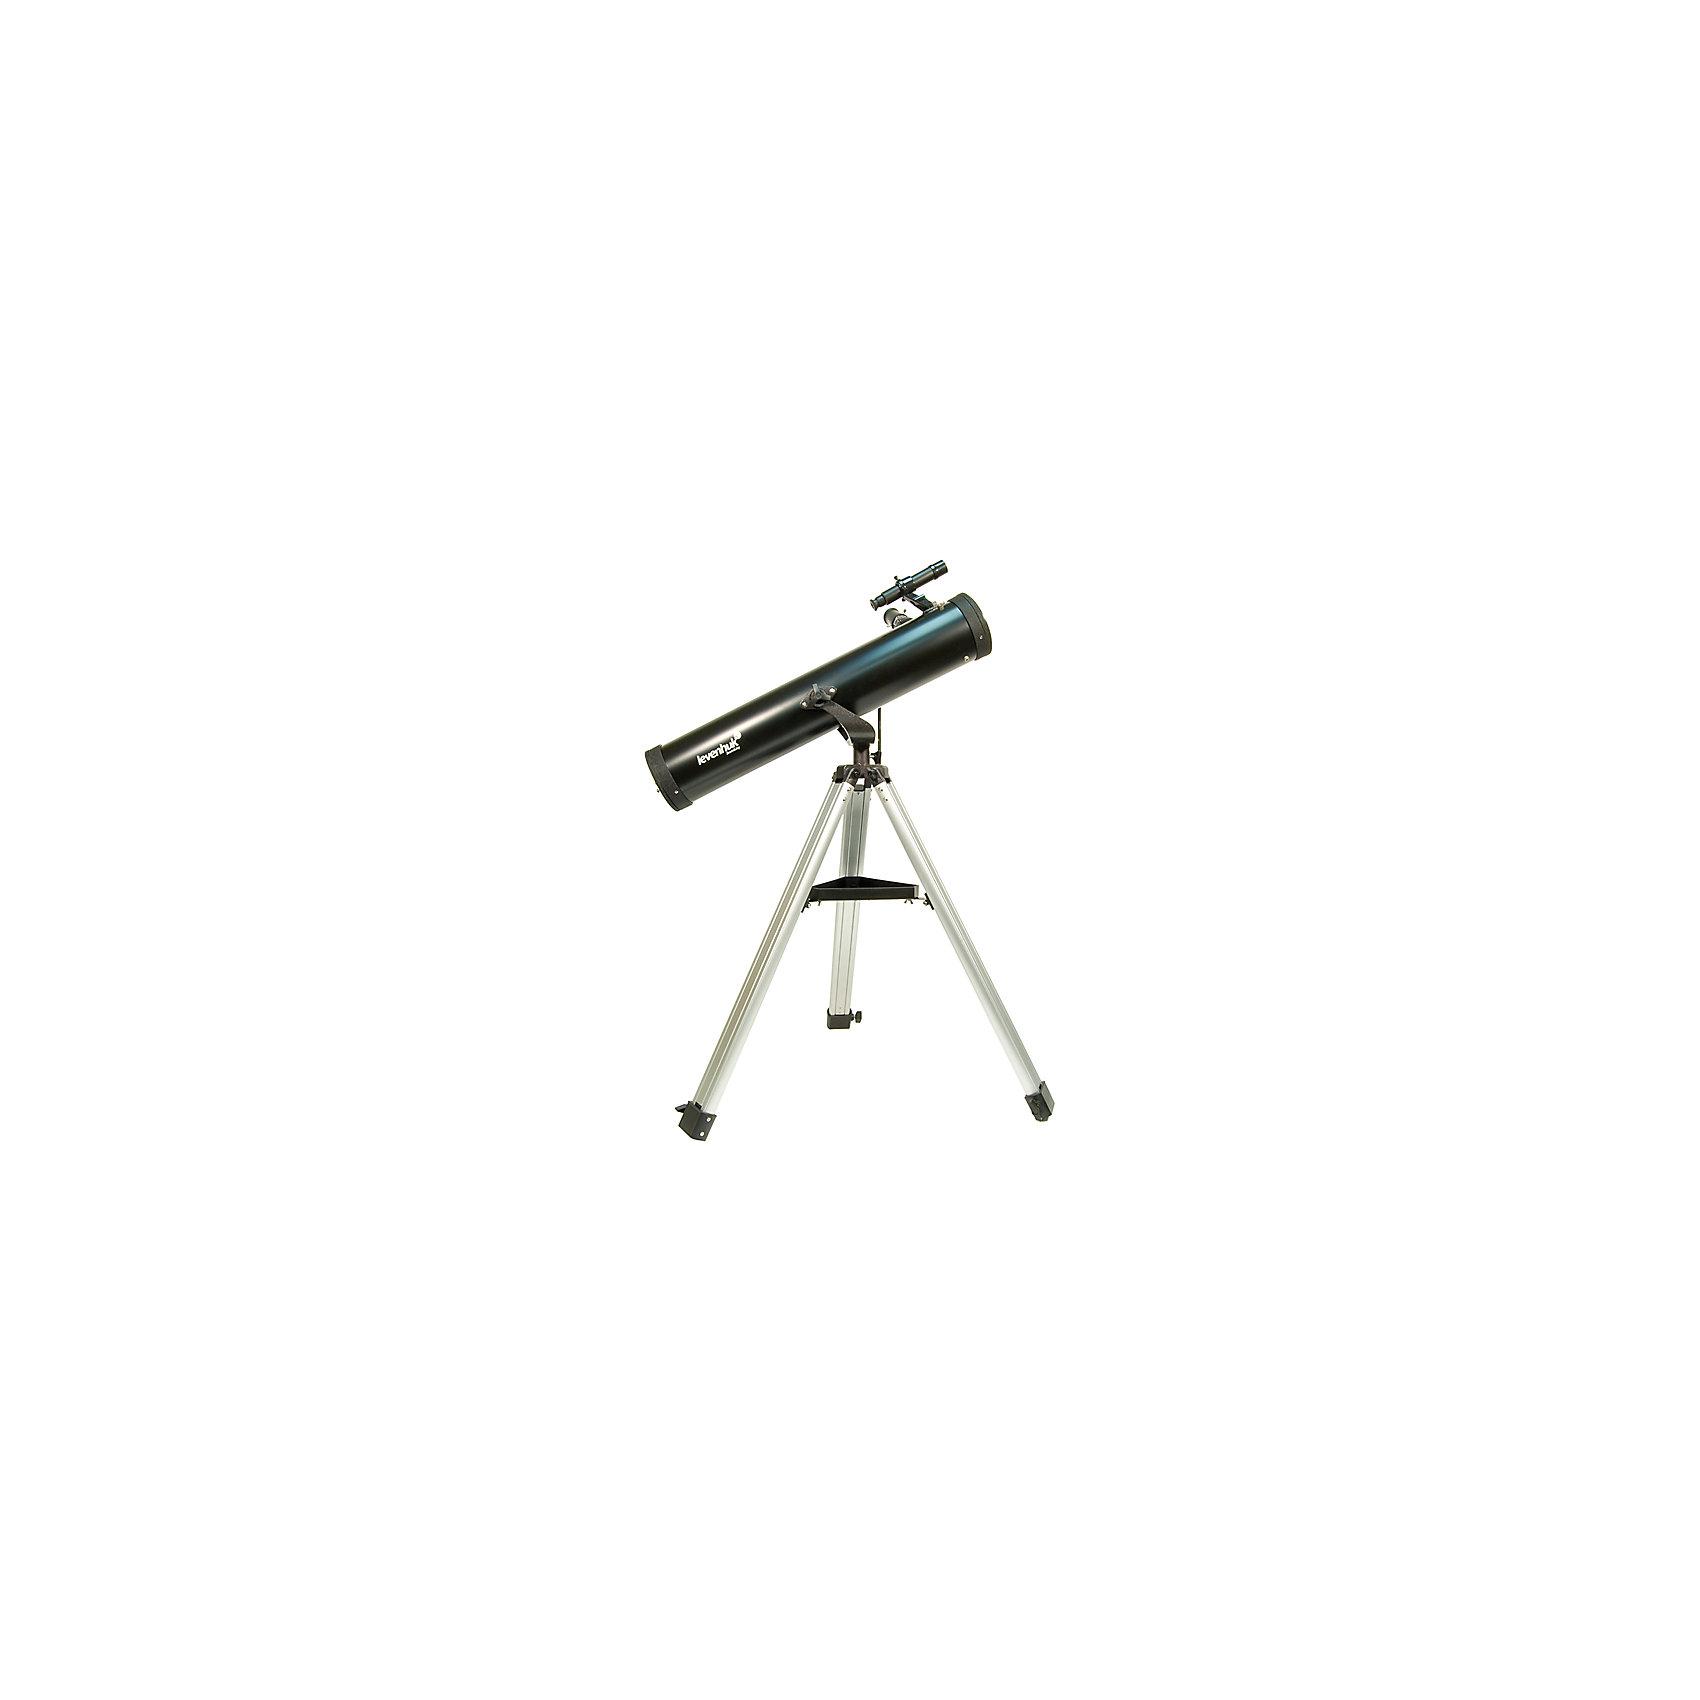 Телескоп Levenhuk Skyline 76x700 AZТелескопы<br>Характеристики товара:<br><br>• материал: металл, пластик<br>• тип телескопа: рефлектор<br>• максимальное полезное увеличение: 152 крат<br>• светосила (относительное отверстие): f/9,2<br>• разрешающая способность, угл. секунд: 1,8<br>• проницающая способность: (звездная величина, приблизительно) 11,4<br>• окуляры в комплекте SUPER 25 мм (28x)<br>• посадочный диаметр окуляров: 1,25 дюймов<br>• линза Барлоу в комплекте 2x<br>• искатель оптический: 6 х 24<br>• фокусер реечный: 1,25<br>• высота треноги регулируемая: 670–1190 мм<br>• тип управления телескопом: ручной<br>• тип монтировки: азимутальная, AZ1<br>• габариты трубы: 125х685 мм<br>• вес трубы: 1,76 кг<br>• страна бренда: США<br>• страна производства: КНР<br><br>Телескоп - это отличный способ заинтересовать ребенка наблюдениями за небесными телами и привить ему интерес к учебе. Эта модель была разработана специально для детей - он позволяет увеличивать предметы из космоса и изучать их. Благодаря легкому и прочному корпусу телескоп удобно брать с собой!<br><br>Оптические приборы от американской компании Levenhuk уже успели зарекомендовать себя как качественная и надежная продукция. Для их производства используются только безопасные и проверенные материалы. Такой прибор способен прослужить долго. Подарите ребенку интересную и полезную вещь!<br><br>Телескоп Levenhuk Skyline 76x700 AZ от известного бренда Levenhuk (Левенгук) можно купить в нашем интернет-магазине.<br><br>Ширина мм: 250<br>Глубина мм: 950<br>Высота мм: 305<br>Вес г: 6000<br>Возраст от месяцев: 60<br>Возраст до месяцев: 2147483647<br>Пол: Унисекс<br>Возраст: Детский<br>SKU: 5435299